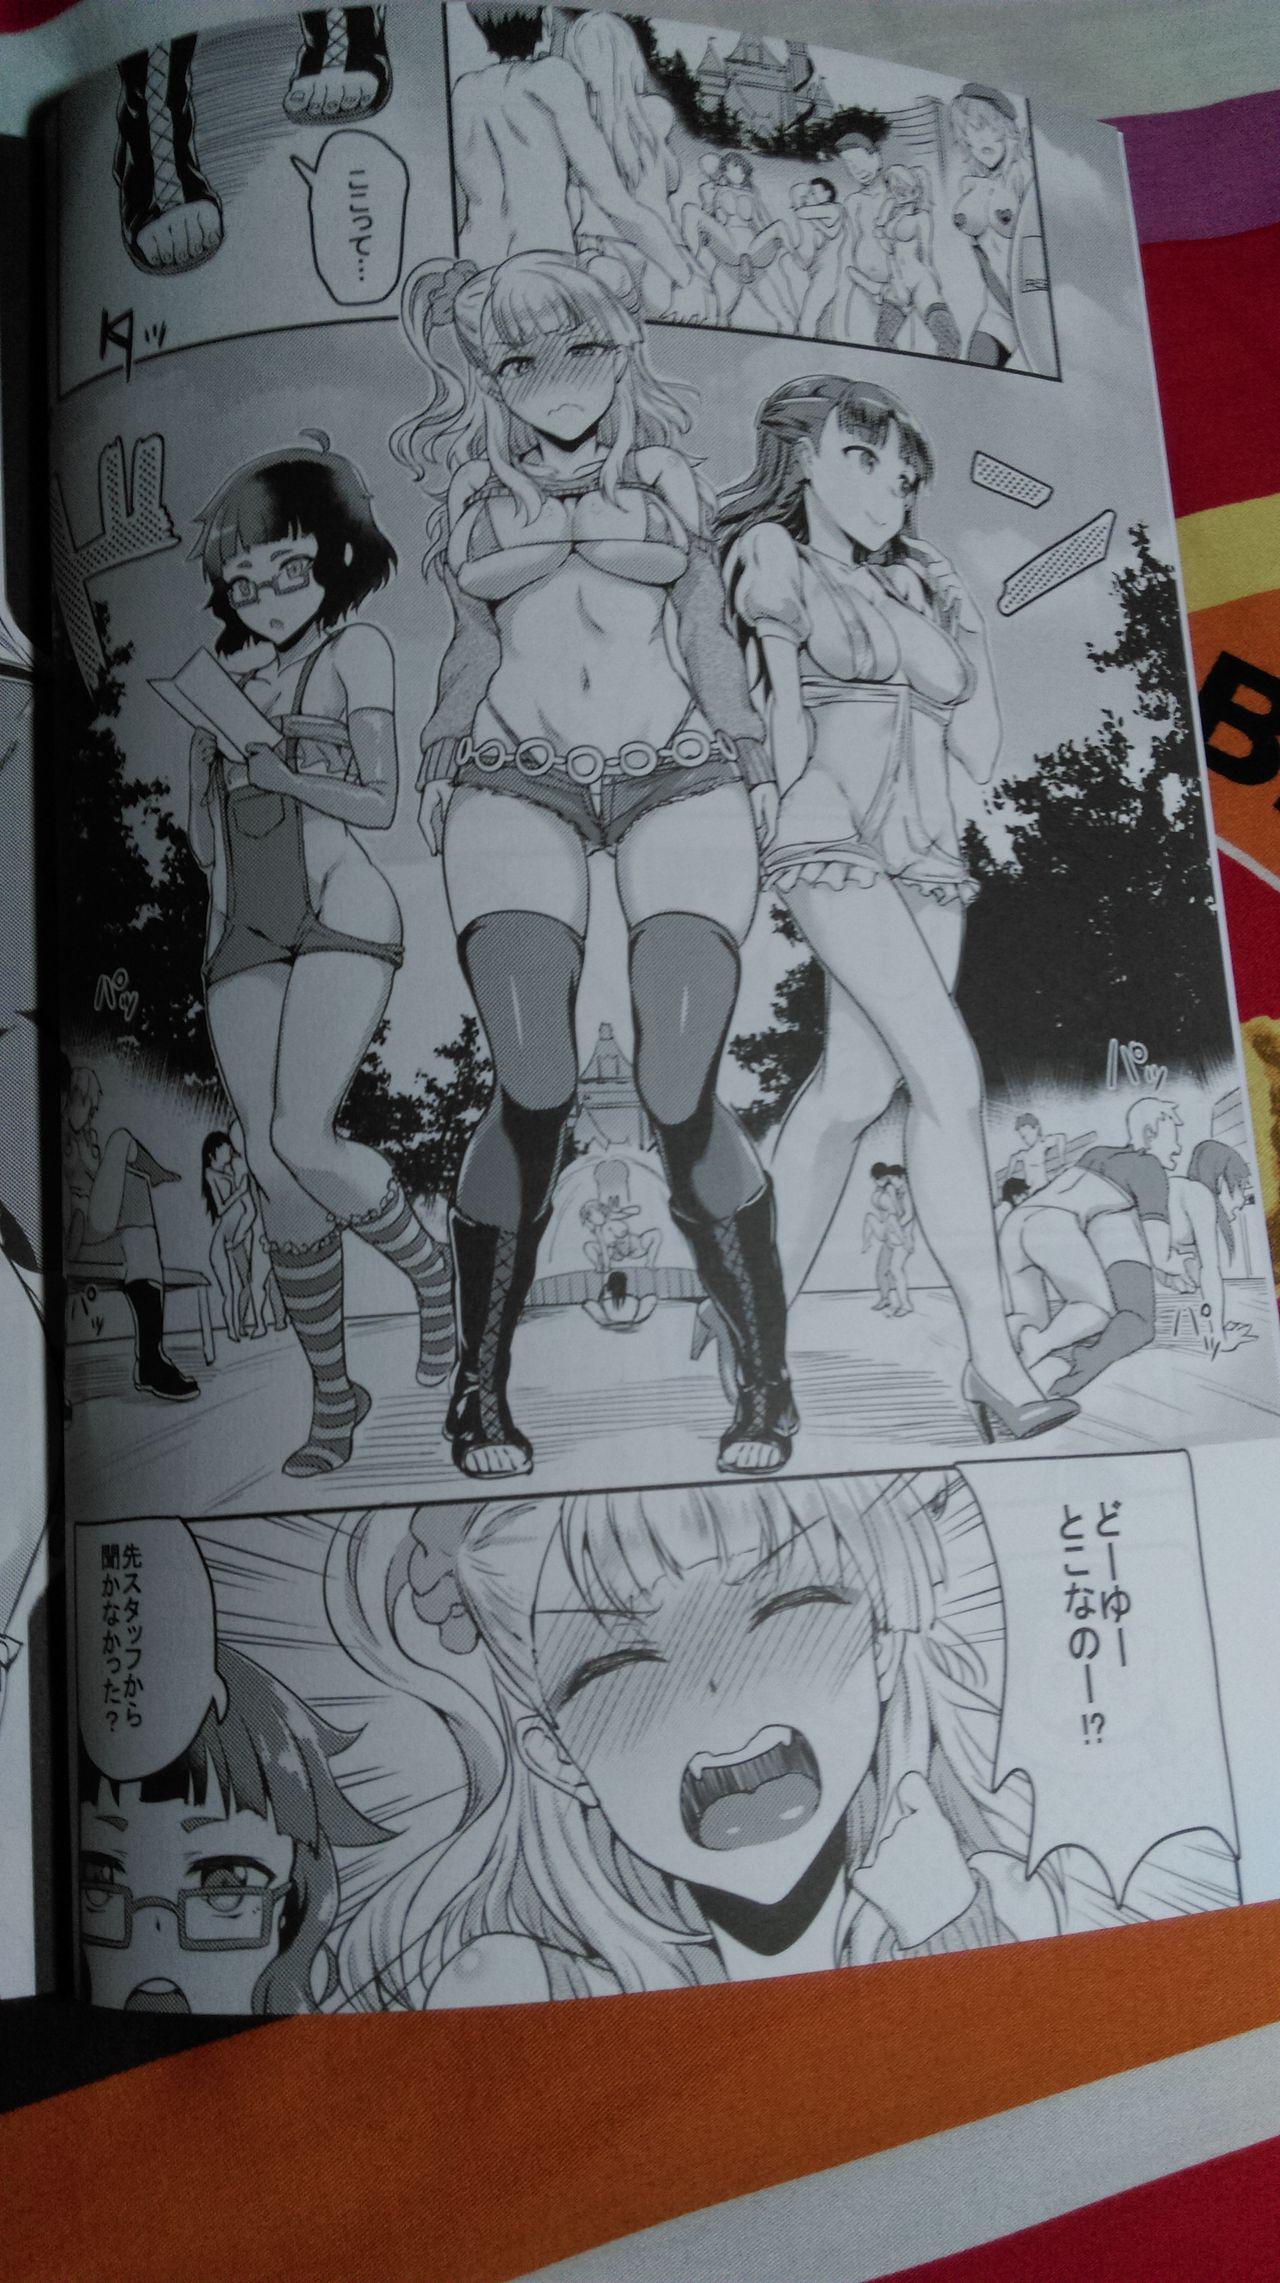 (C89) [BRIO (Puyocha)] Oideyo! Galko-chan! Galko-chan wa Mizuryu Kei Land ni Ikutte Hontou Desuka?(Oshiete! Galko-chan!) 2